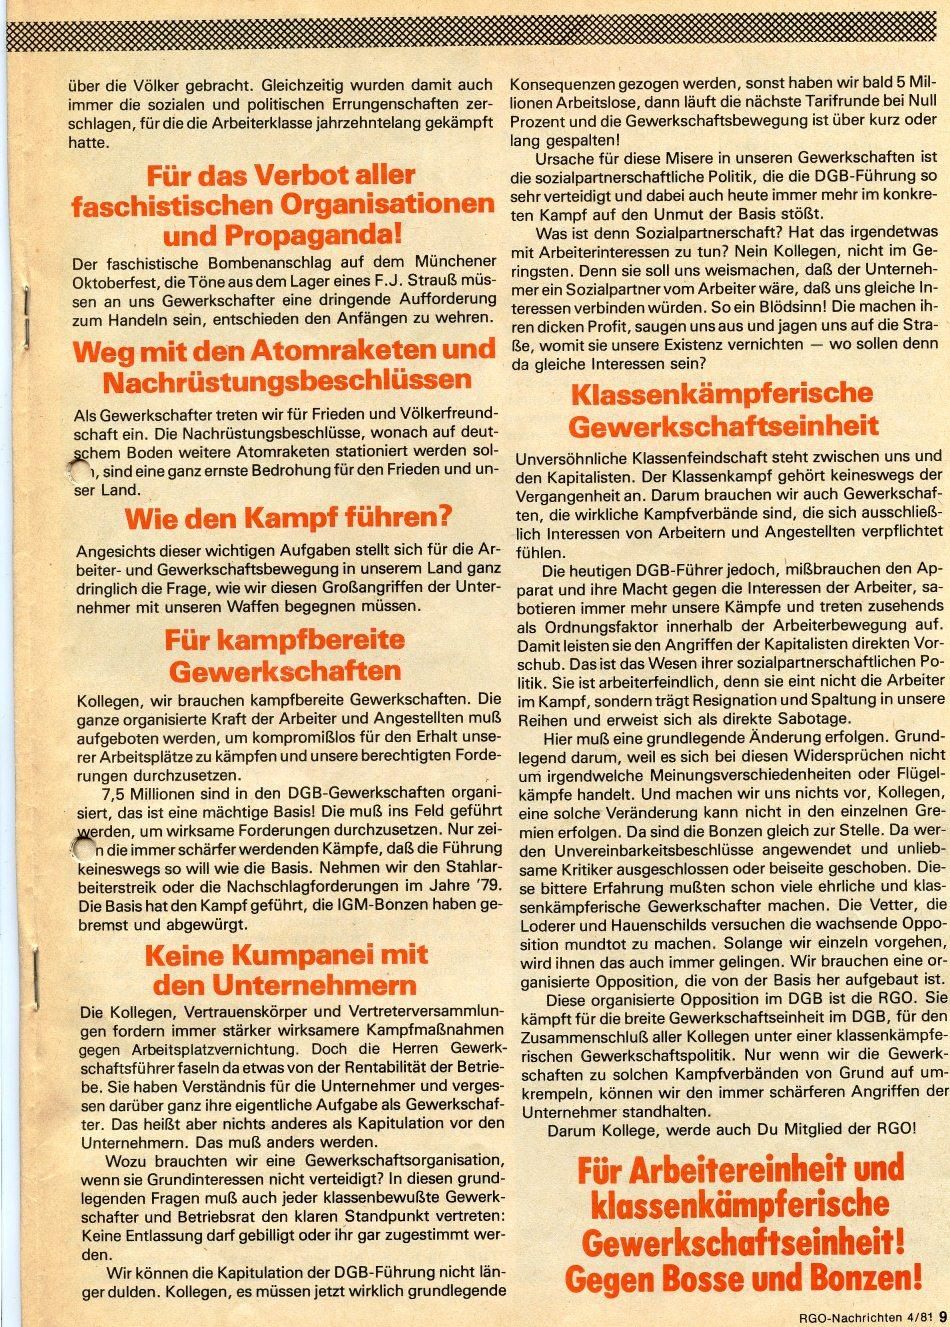 RGO_RGO_Nachrichten_1981_04_09